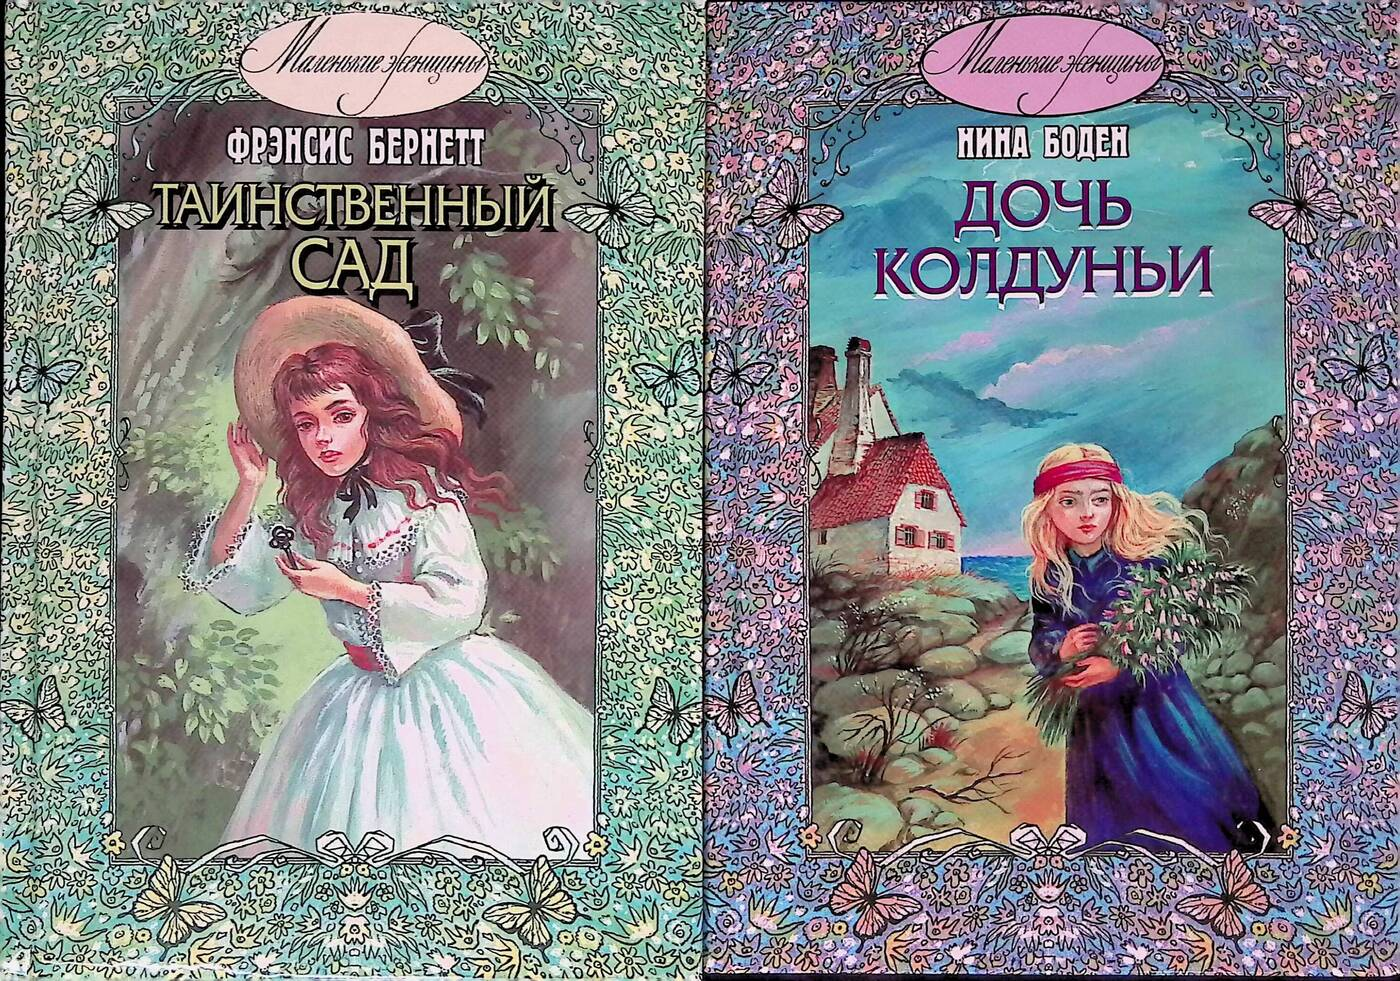 Комплект из 2 книг: Таинственный сад; Дочь Колдуньи